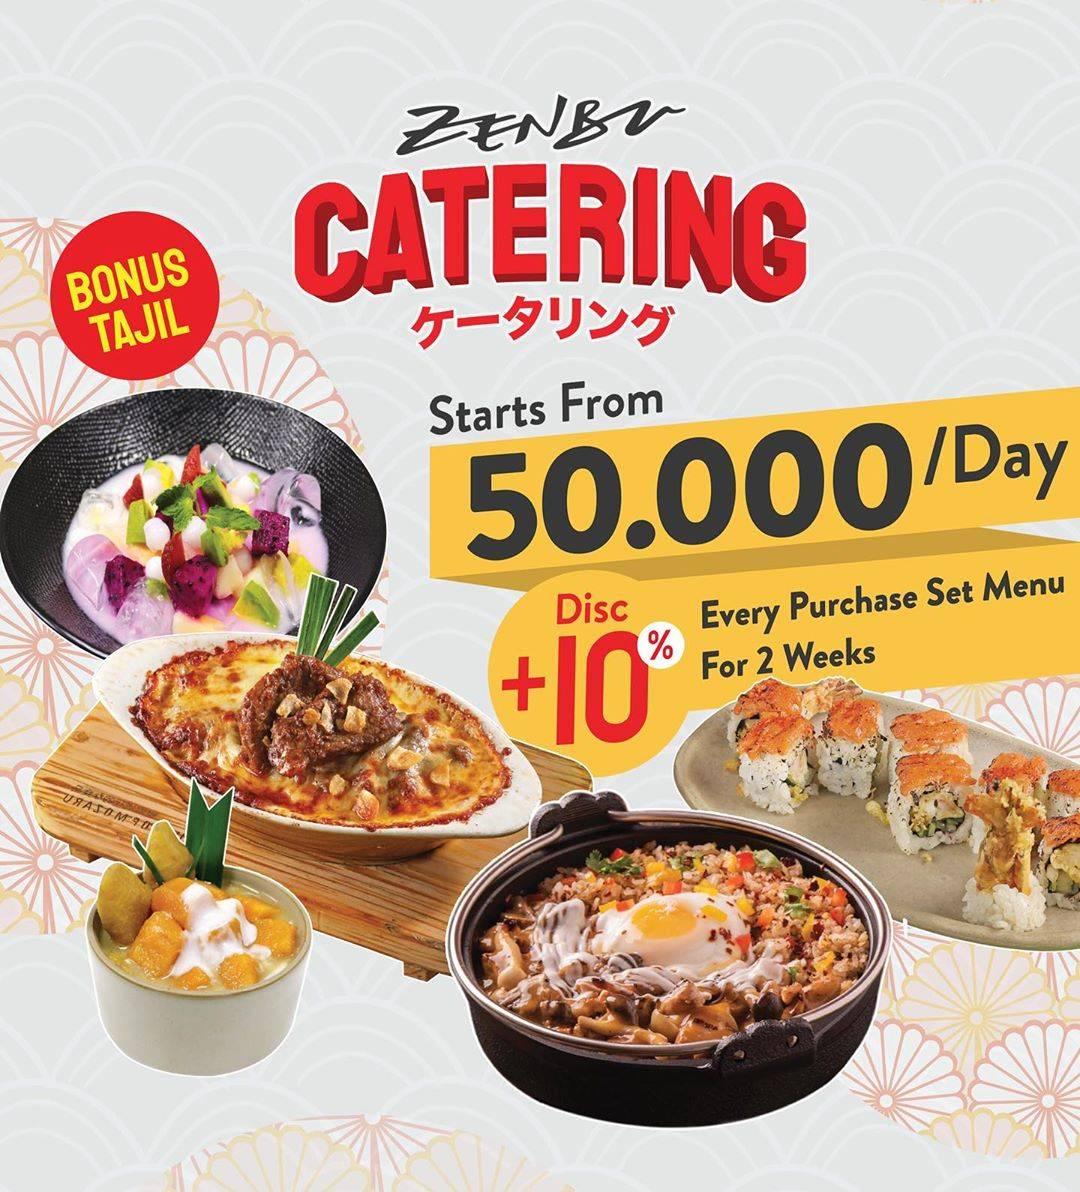 Diskon Zenbu Promo Catering Dengan Harga Rp. 50.000/Hari